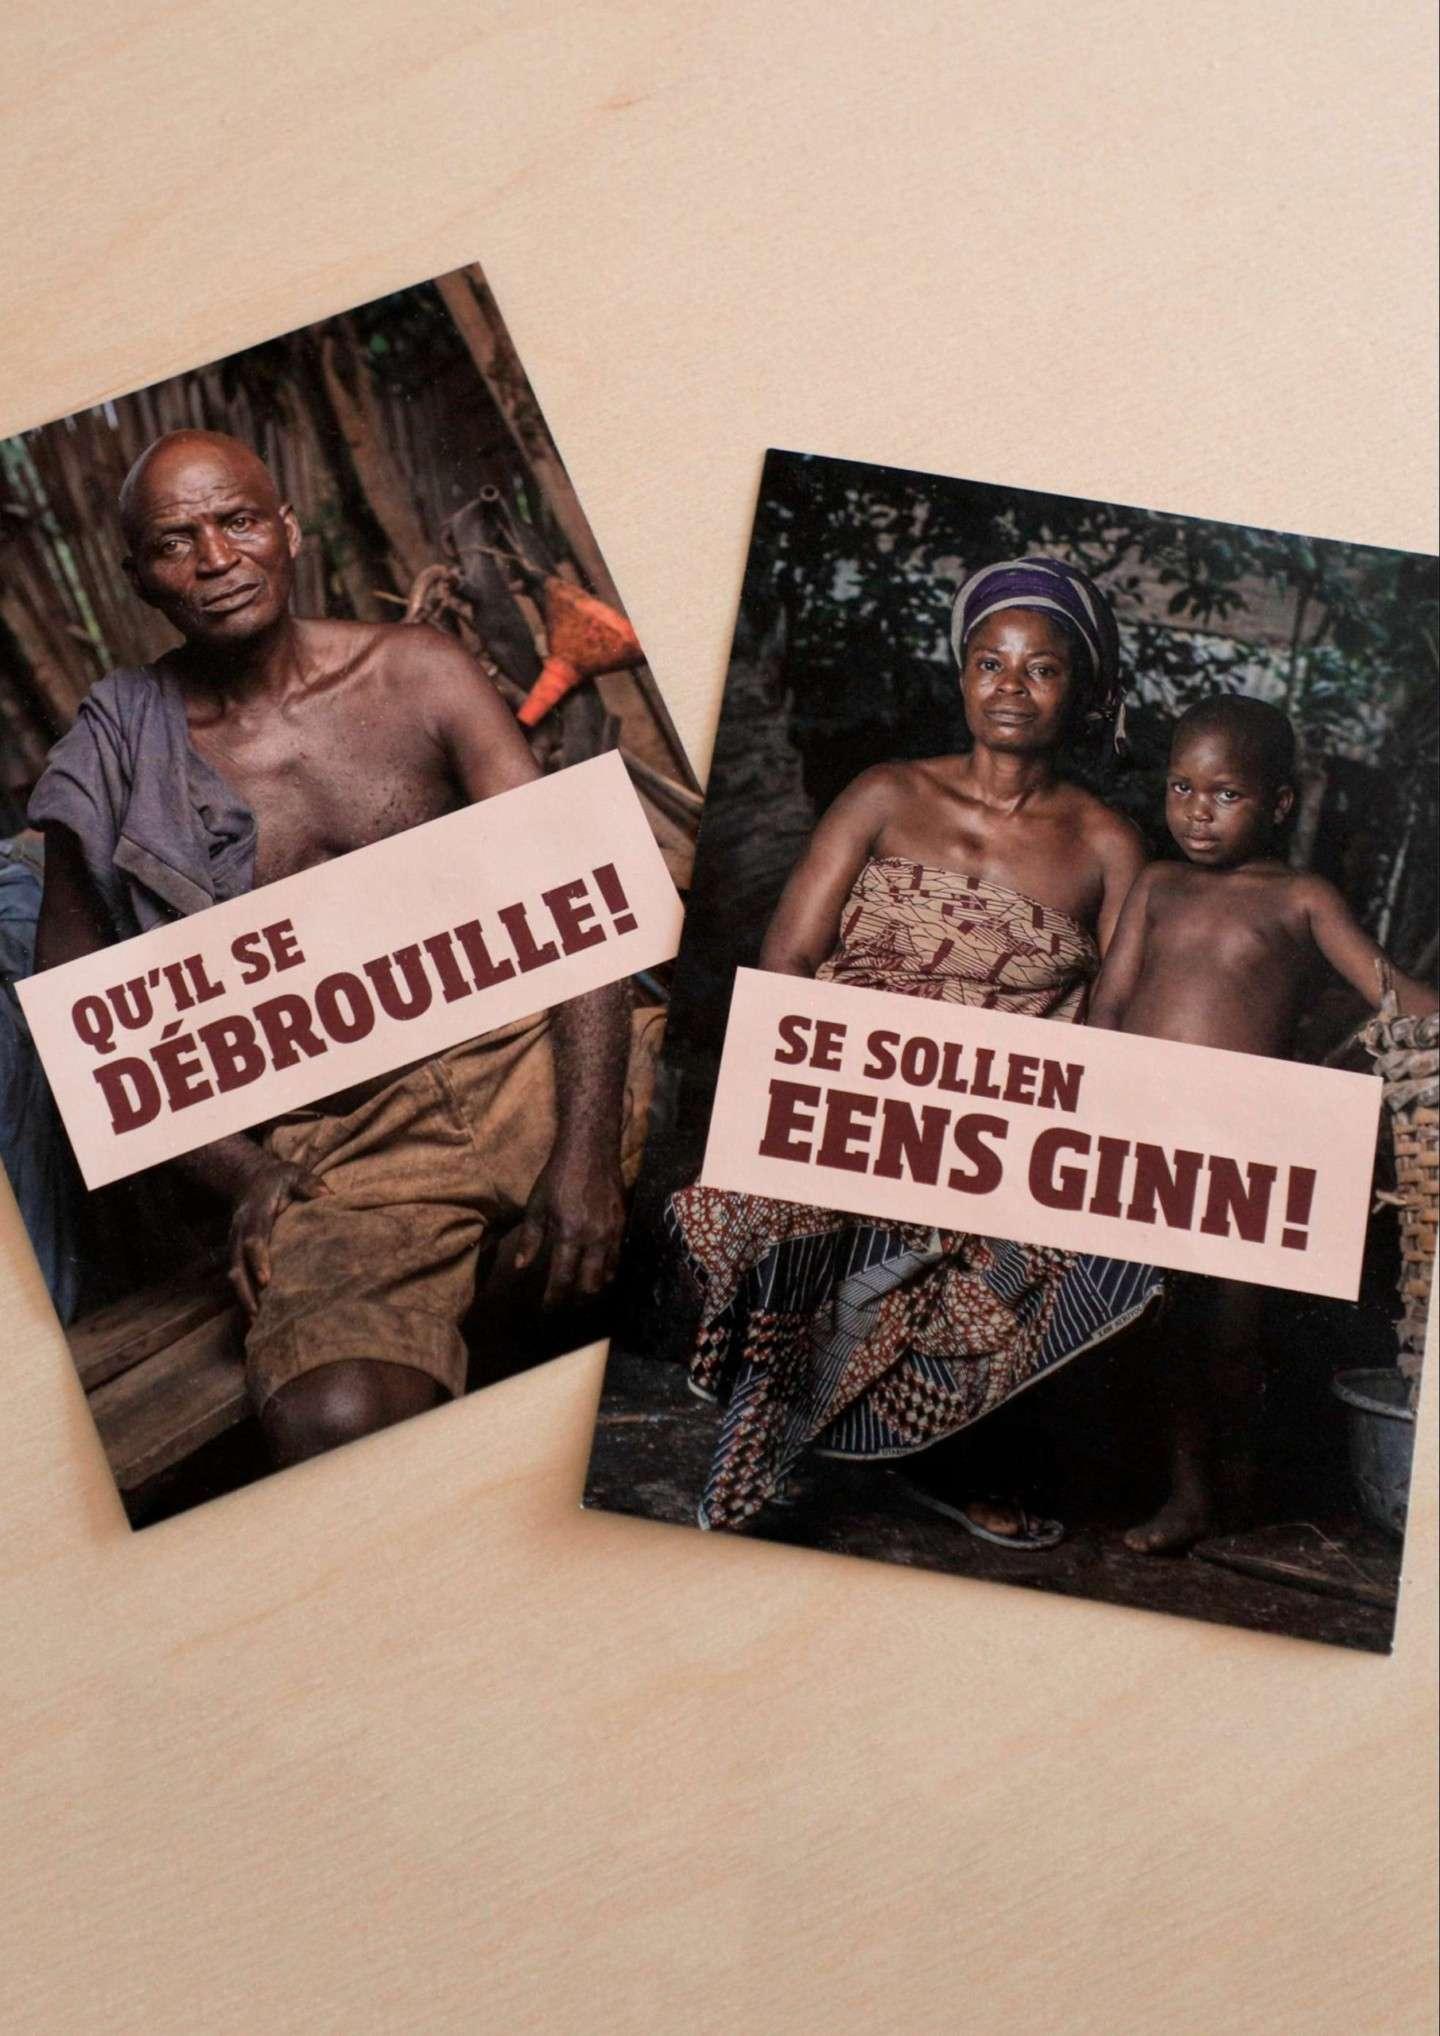 Une campagne en 2 langues qui a suscité la polémique au Luxembourg